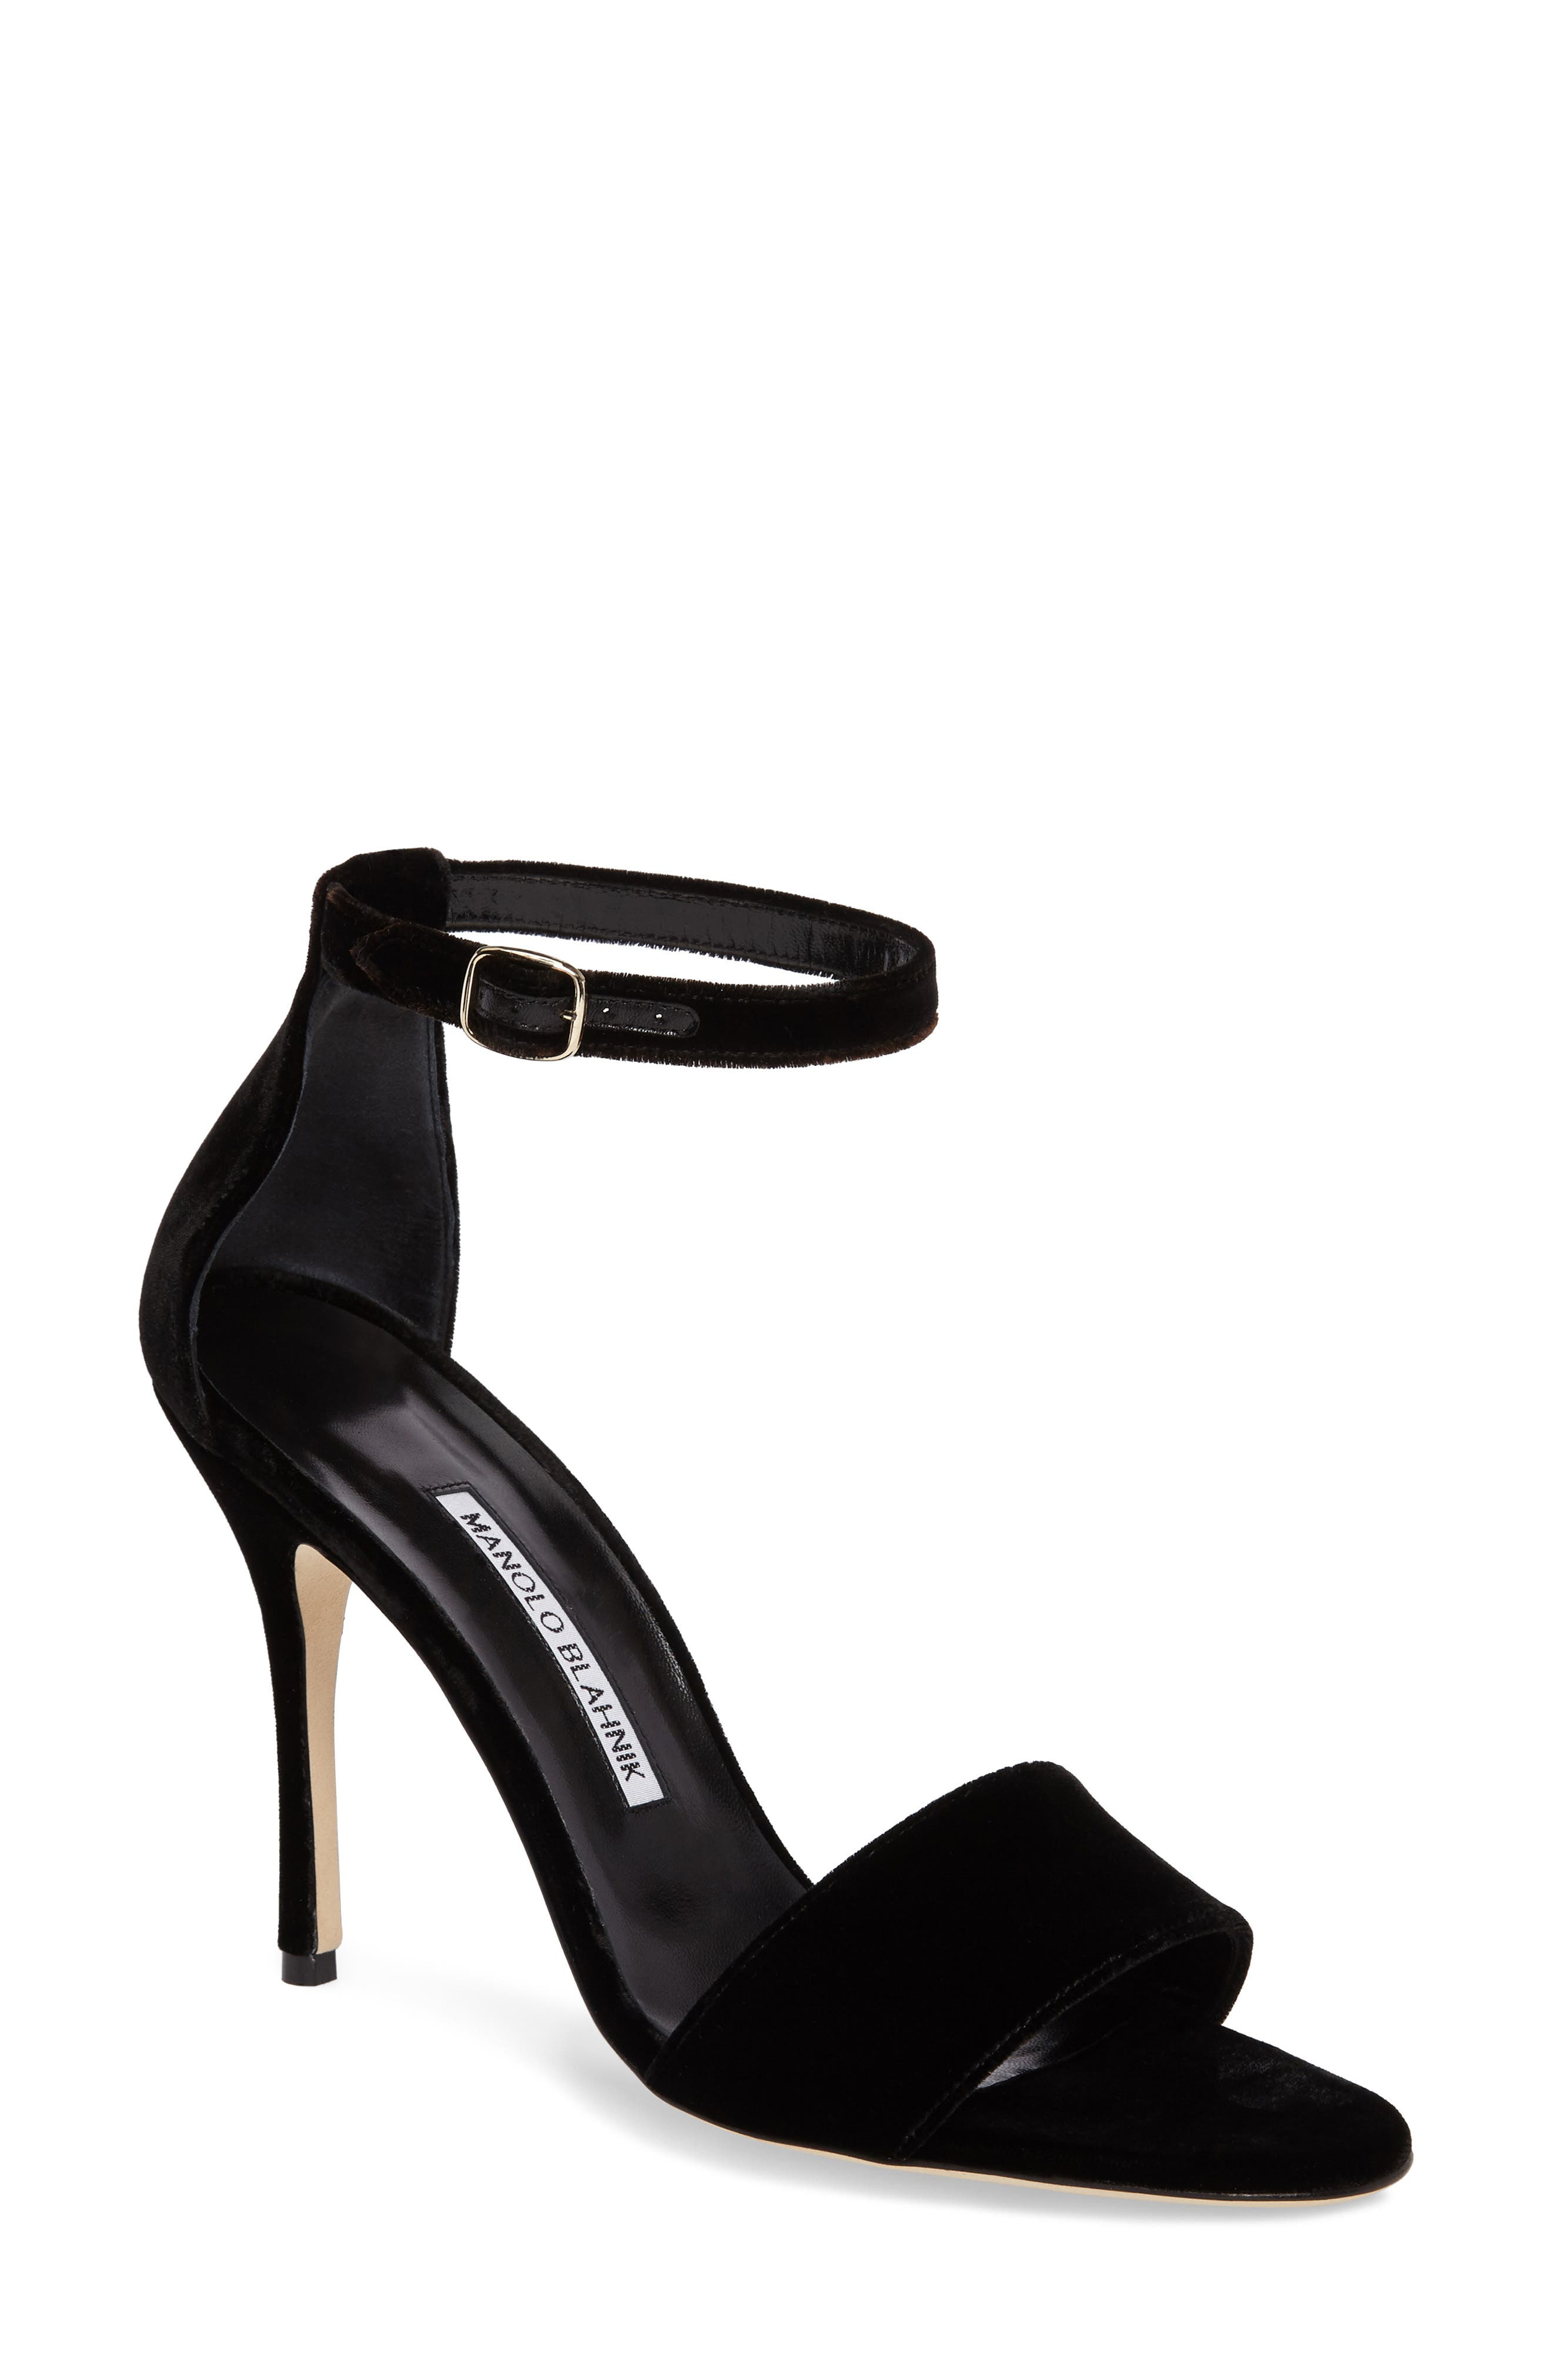 Alternate Image 1 Selected - Manolo Blahnik Tres Sandal (Women)